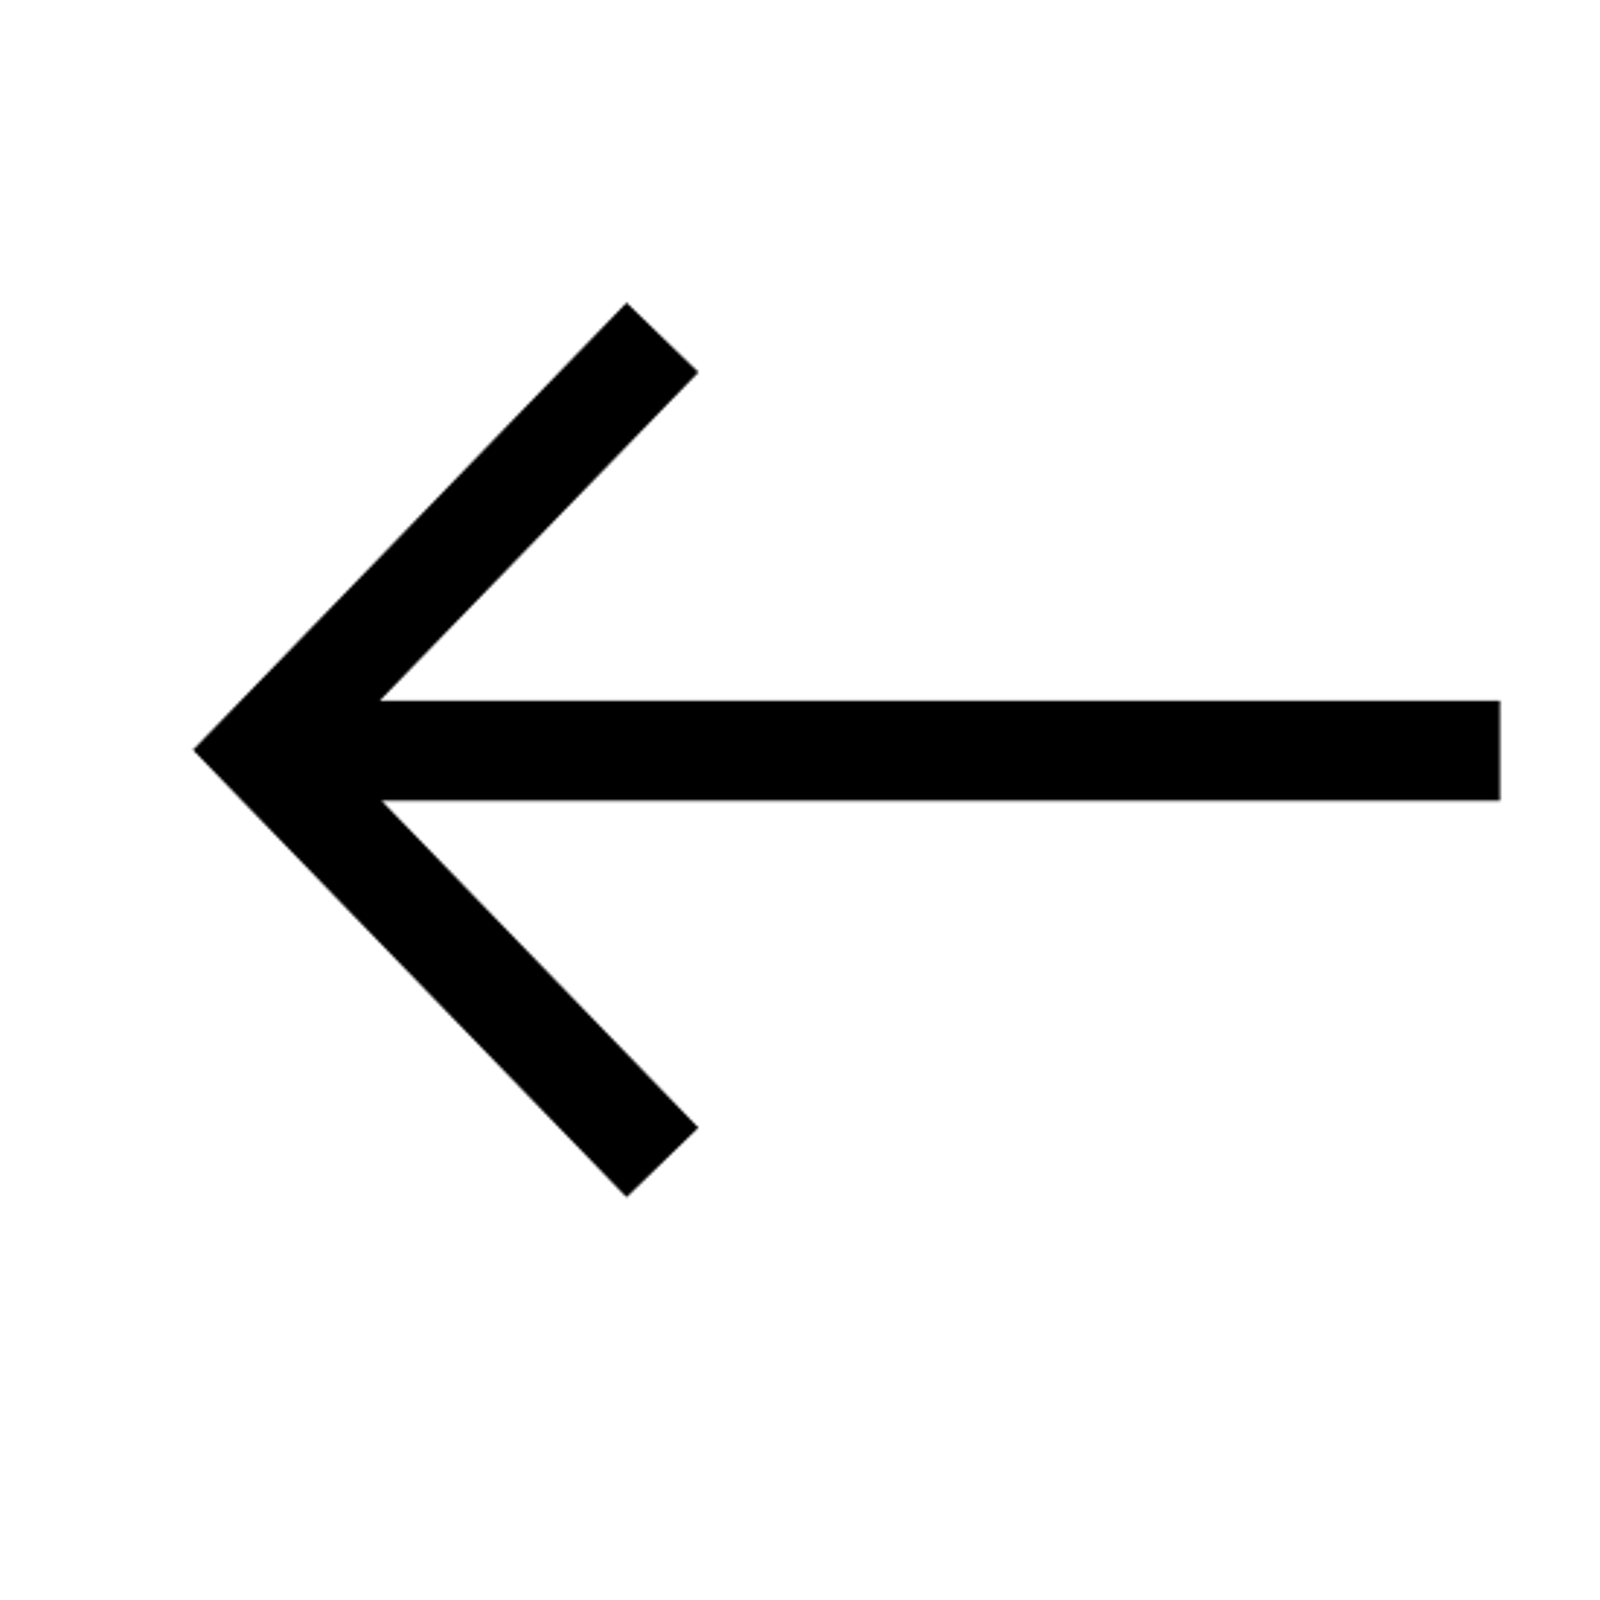 左 icon. This is an icon of an arrow pointed to the left. It looks like one that people put up to explain to turn left when giving directions. It is not very graphic it just consists on simple lines pointing left.